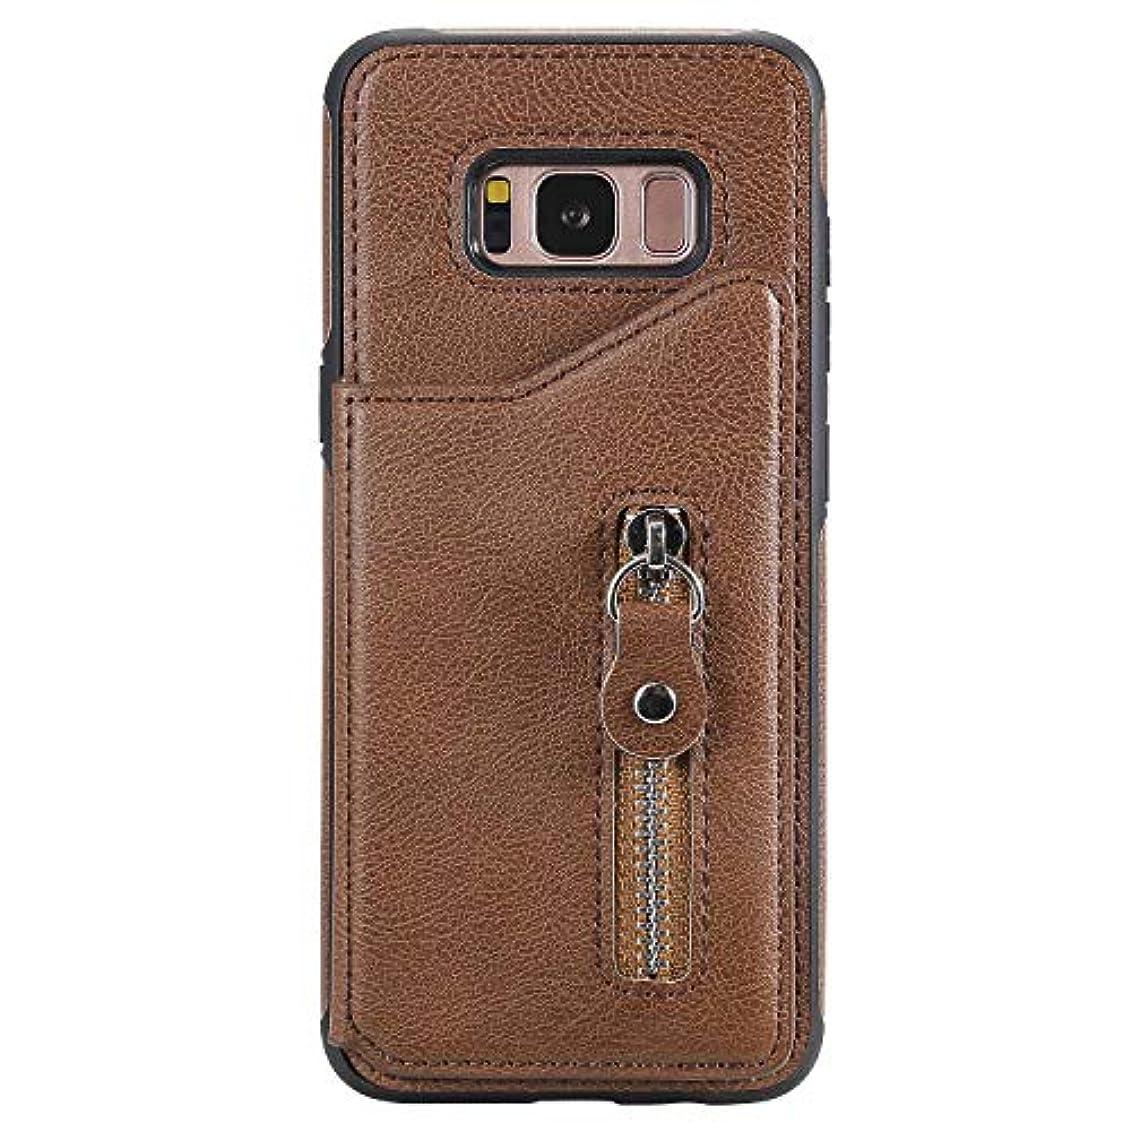 予防接種それに応じて戦争OMATENTI Galaxy S8 ケース, PUレザー 薄型 簡約風 人気 新品 バックケース Galaxy S8 用 Case Cover, 財布とコインポケット付き, 液晶保護 カード収納, 褐色